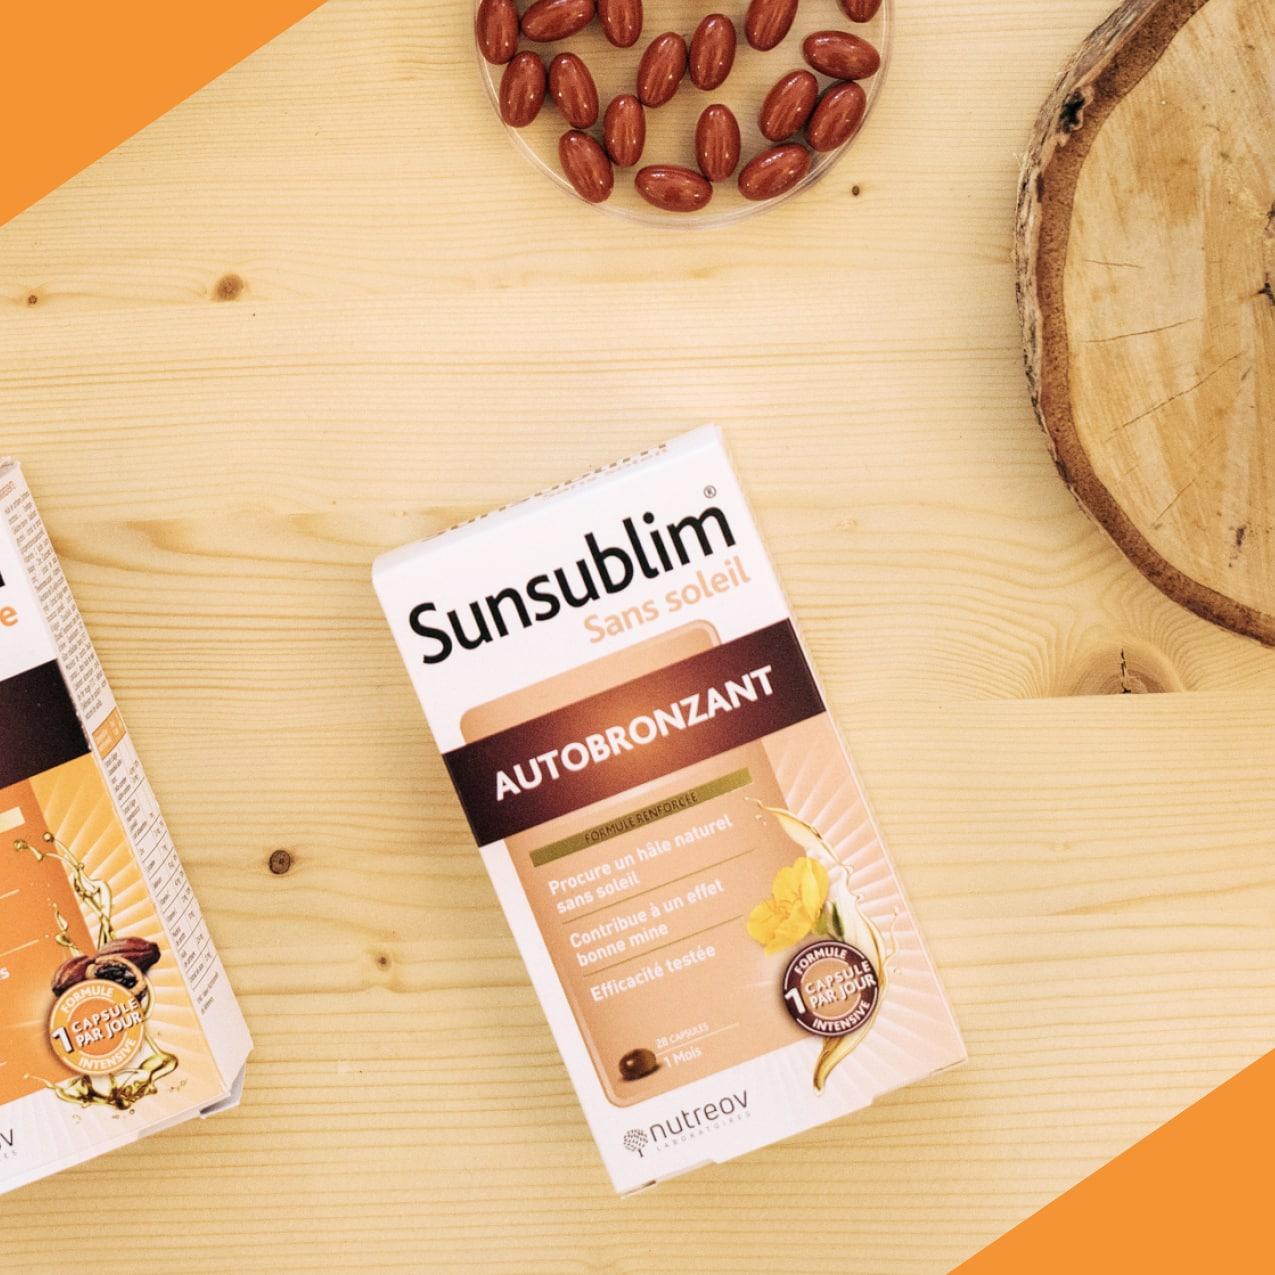 Sunsublim® Sans soleil Autobronzant